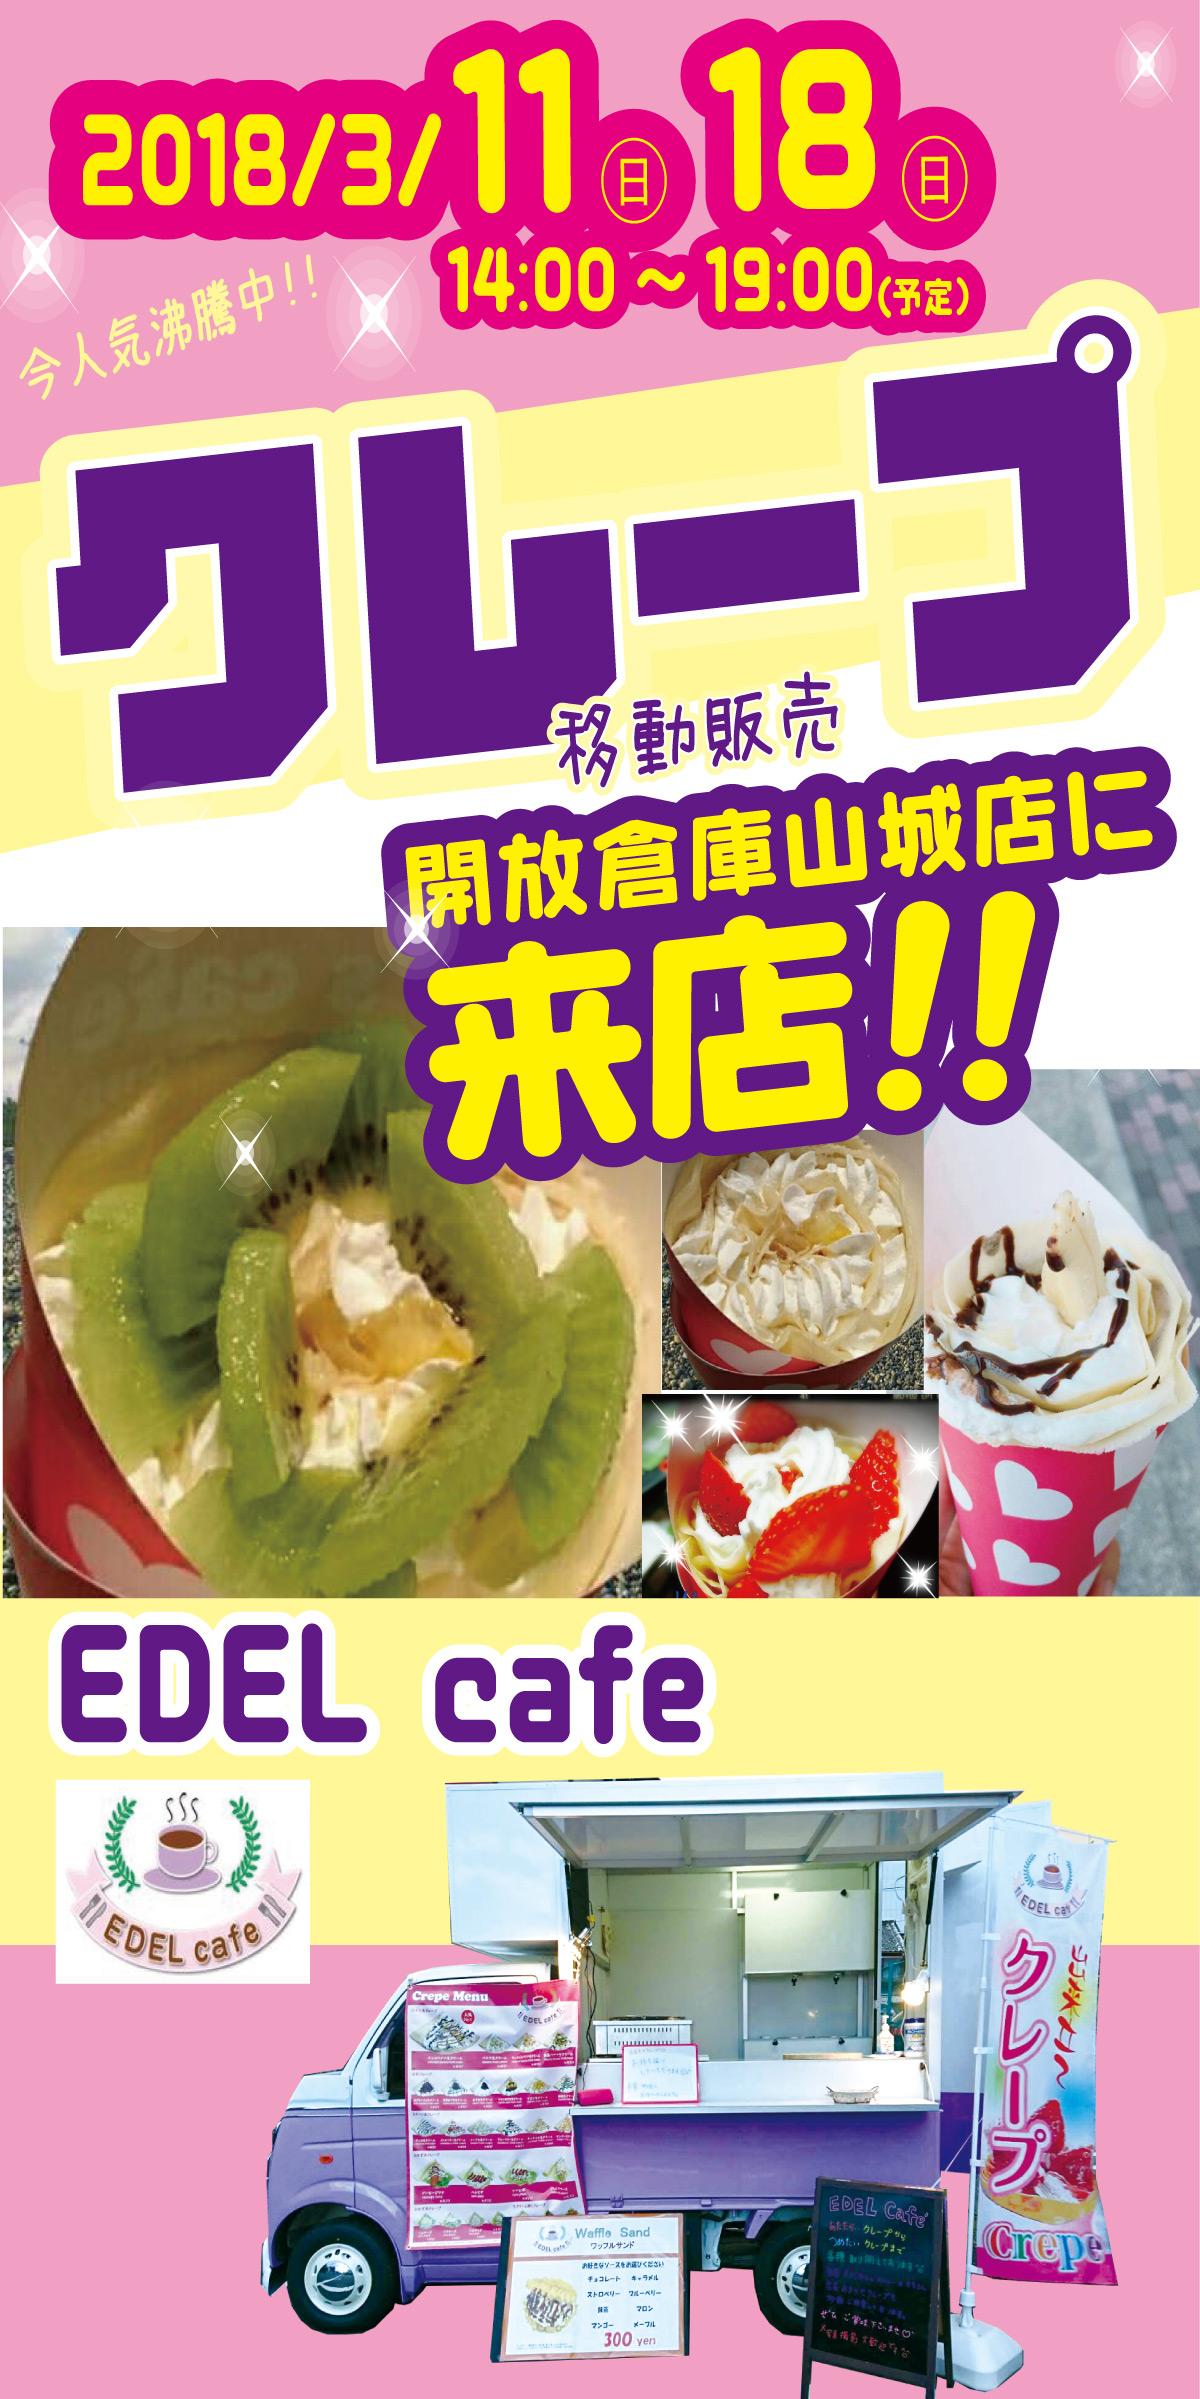 「開放倉庫山城店」クレープ移動販売「EDEL cafe」さん来店!3/11(日)、18(日)14:00~19:00予定!